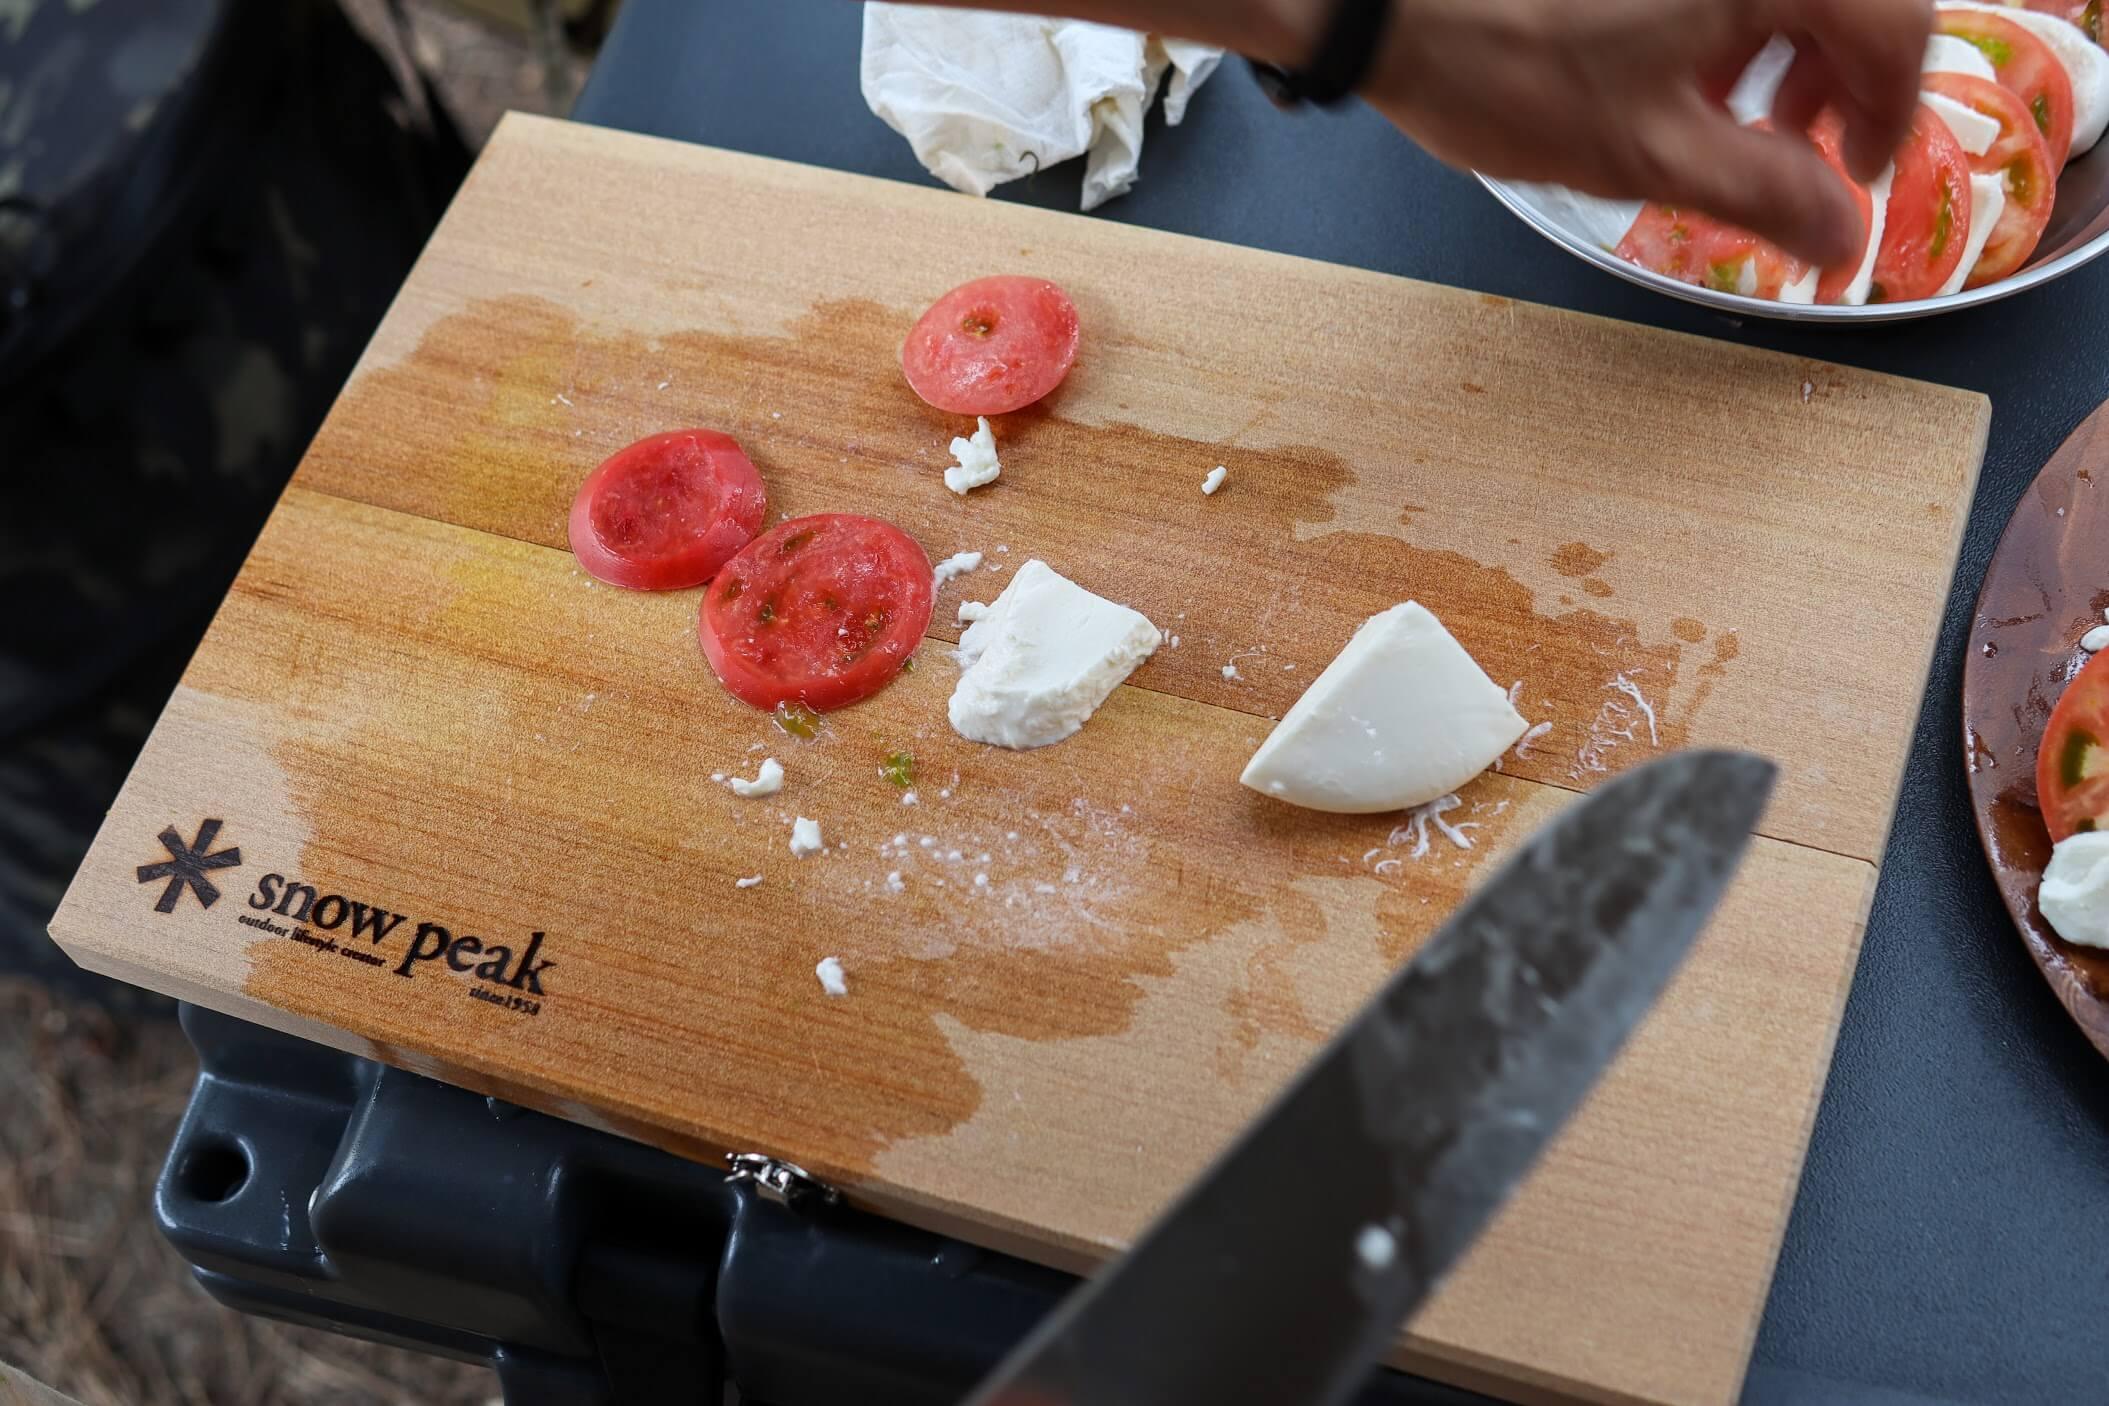 snowpeak マナイタセットL トマト モッツアレラチーズ